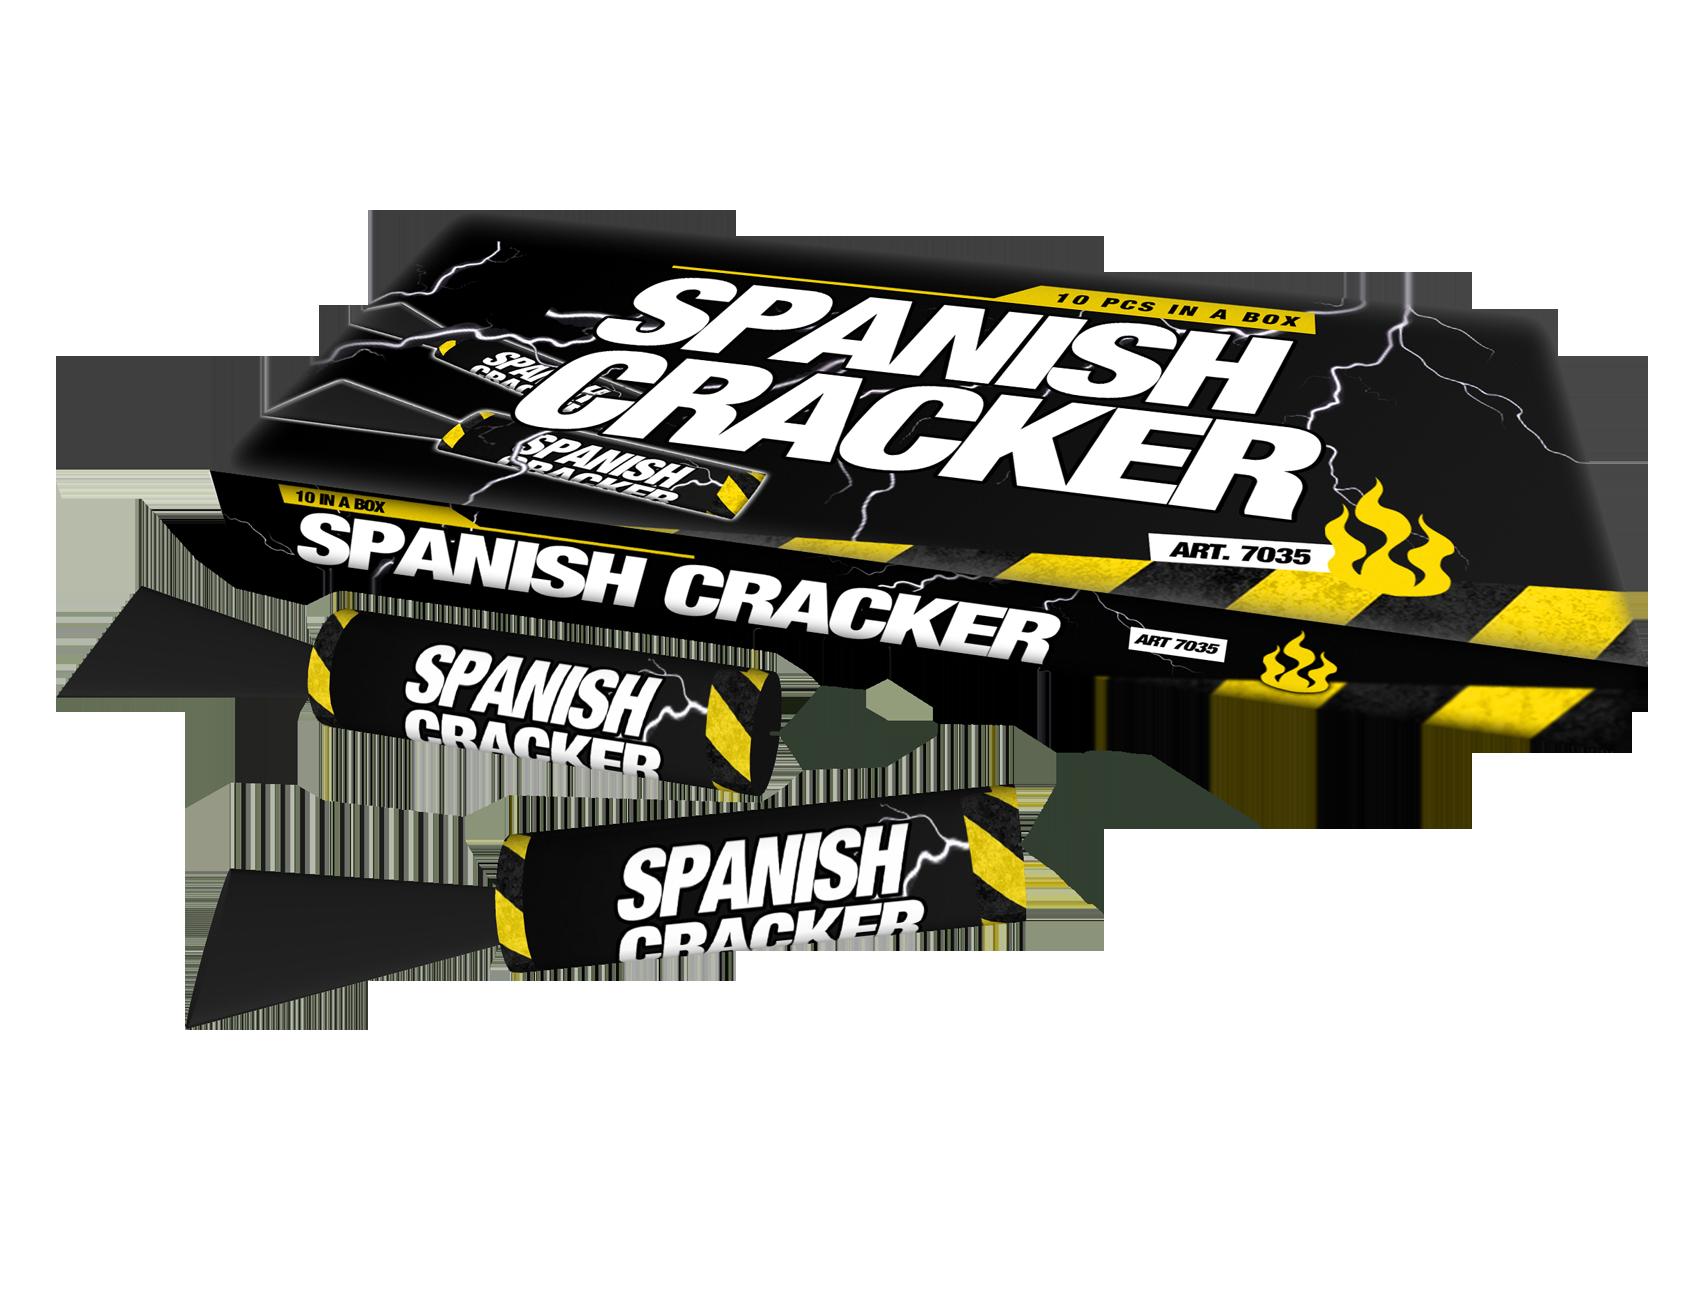 spanisch crackers